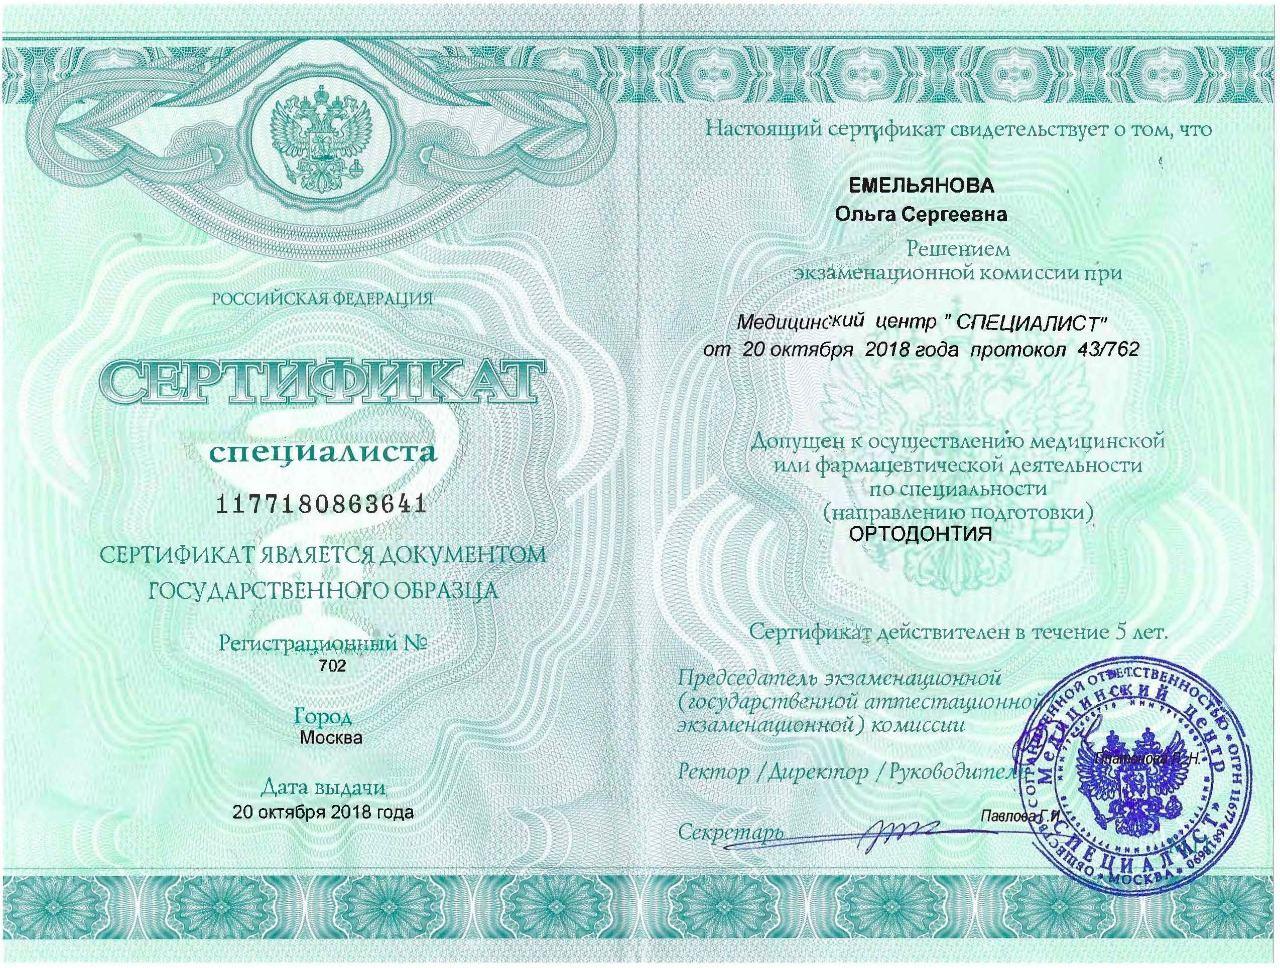 Сертификат Емельянова Ольга Сергеевна